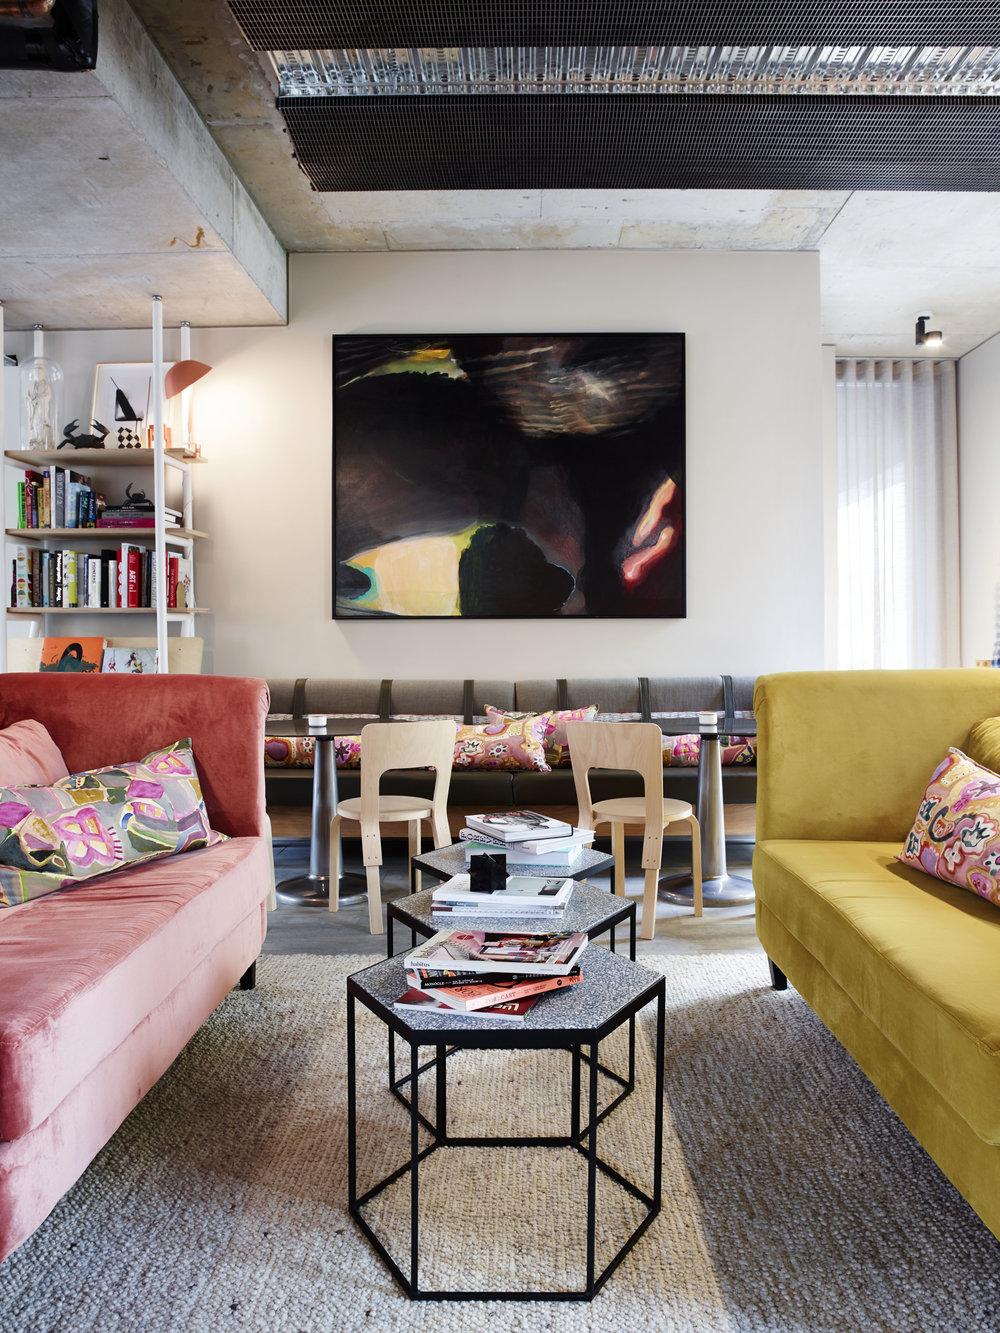 Mezzanine_Level_Alex_Hotel_250515_79464.jpg